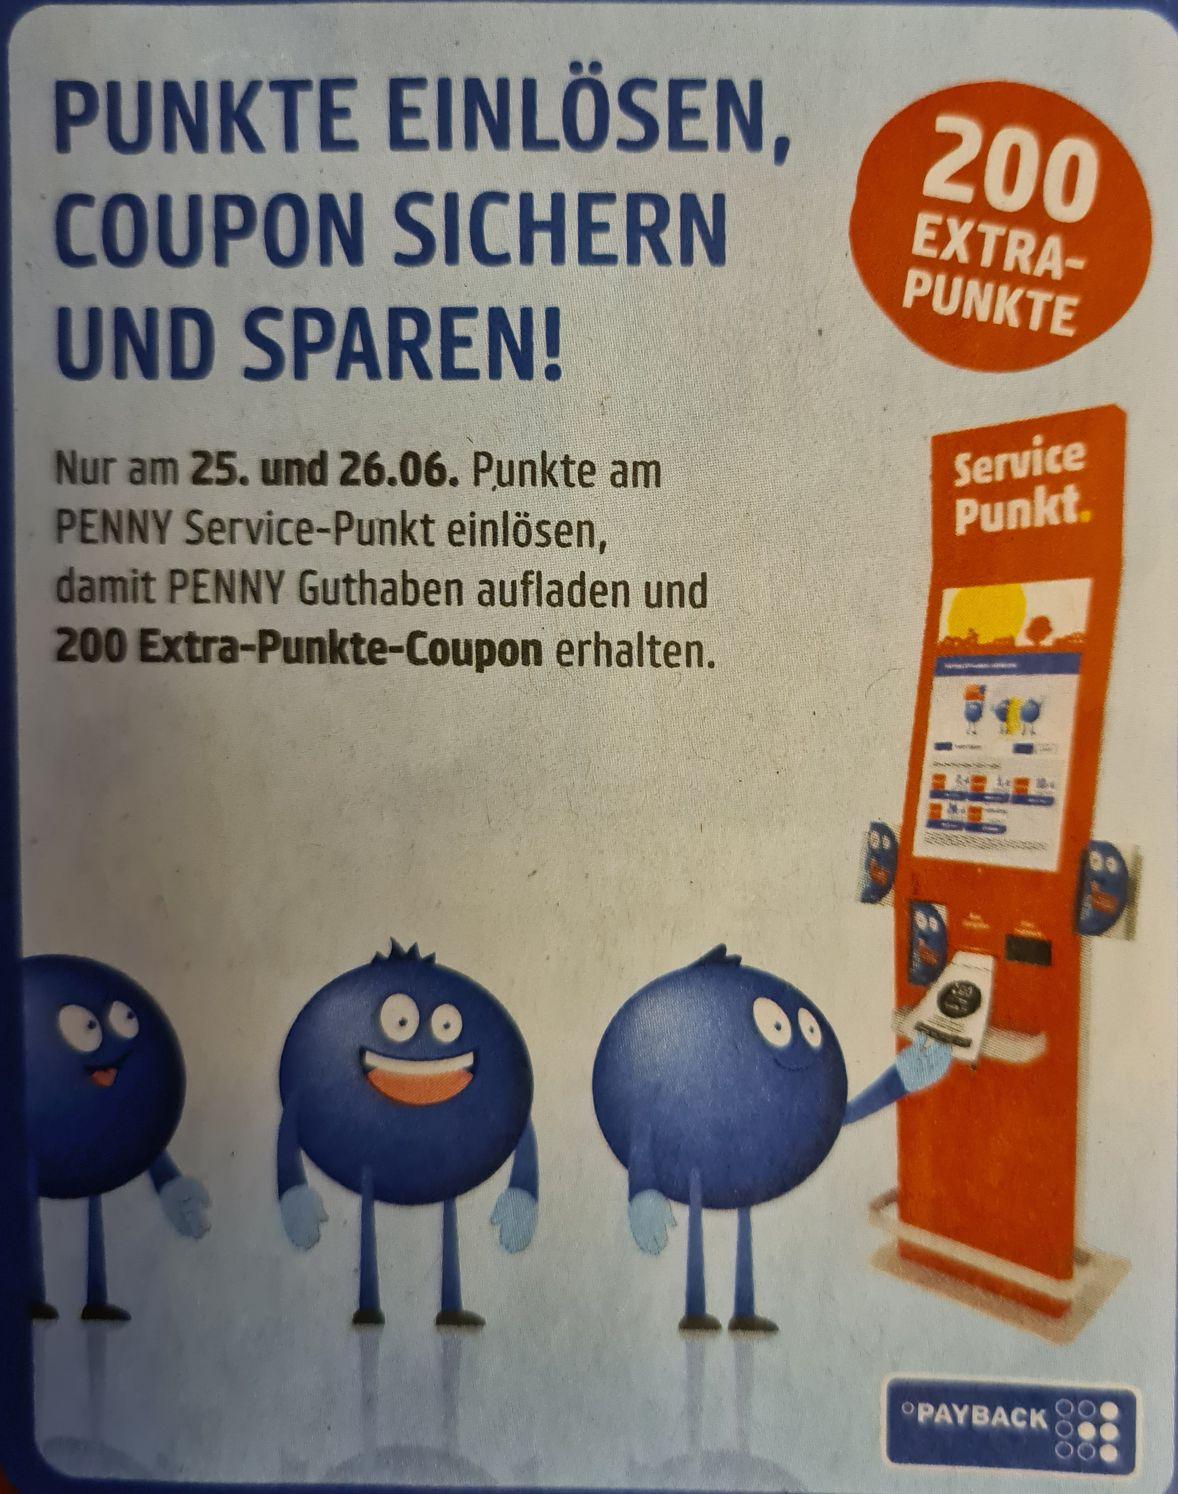 Payback / Penny 200 Extra Punkte für Einlösung von Payback Punkten am 25. und 26. Juni, 2 x einlösbar, Freebie möglich